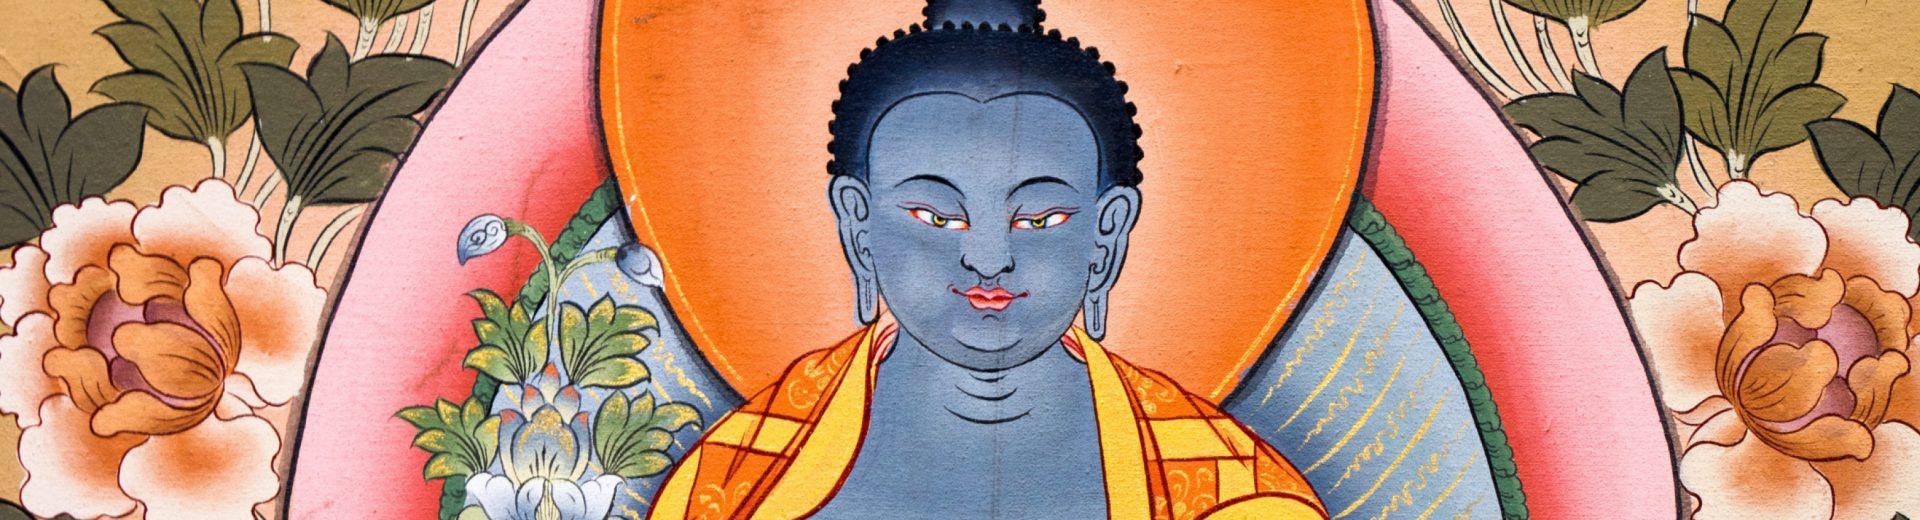 bhutan six senses buddhist artwork